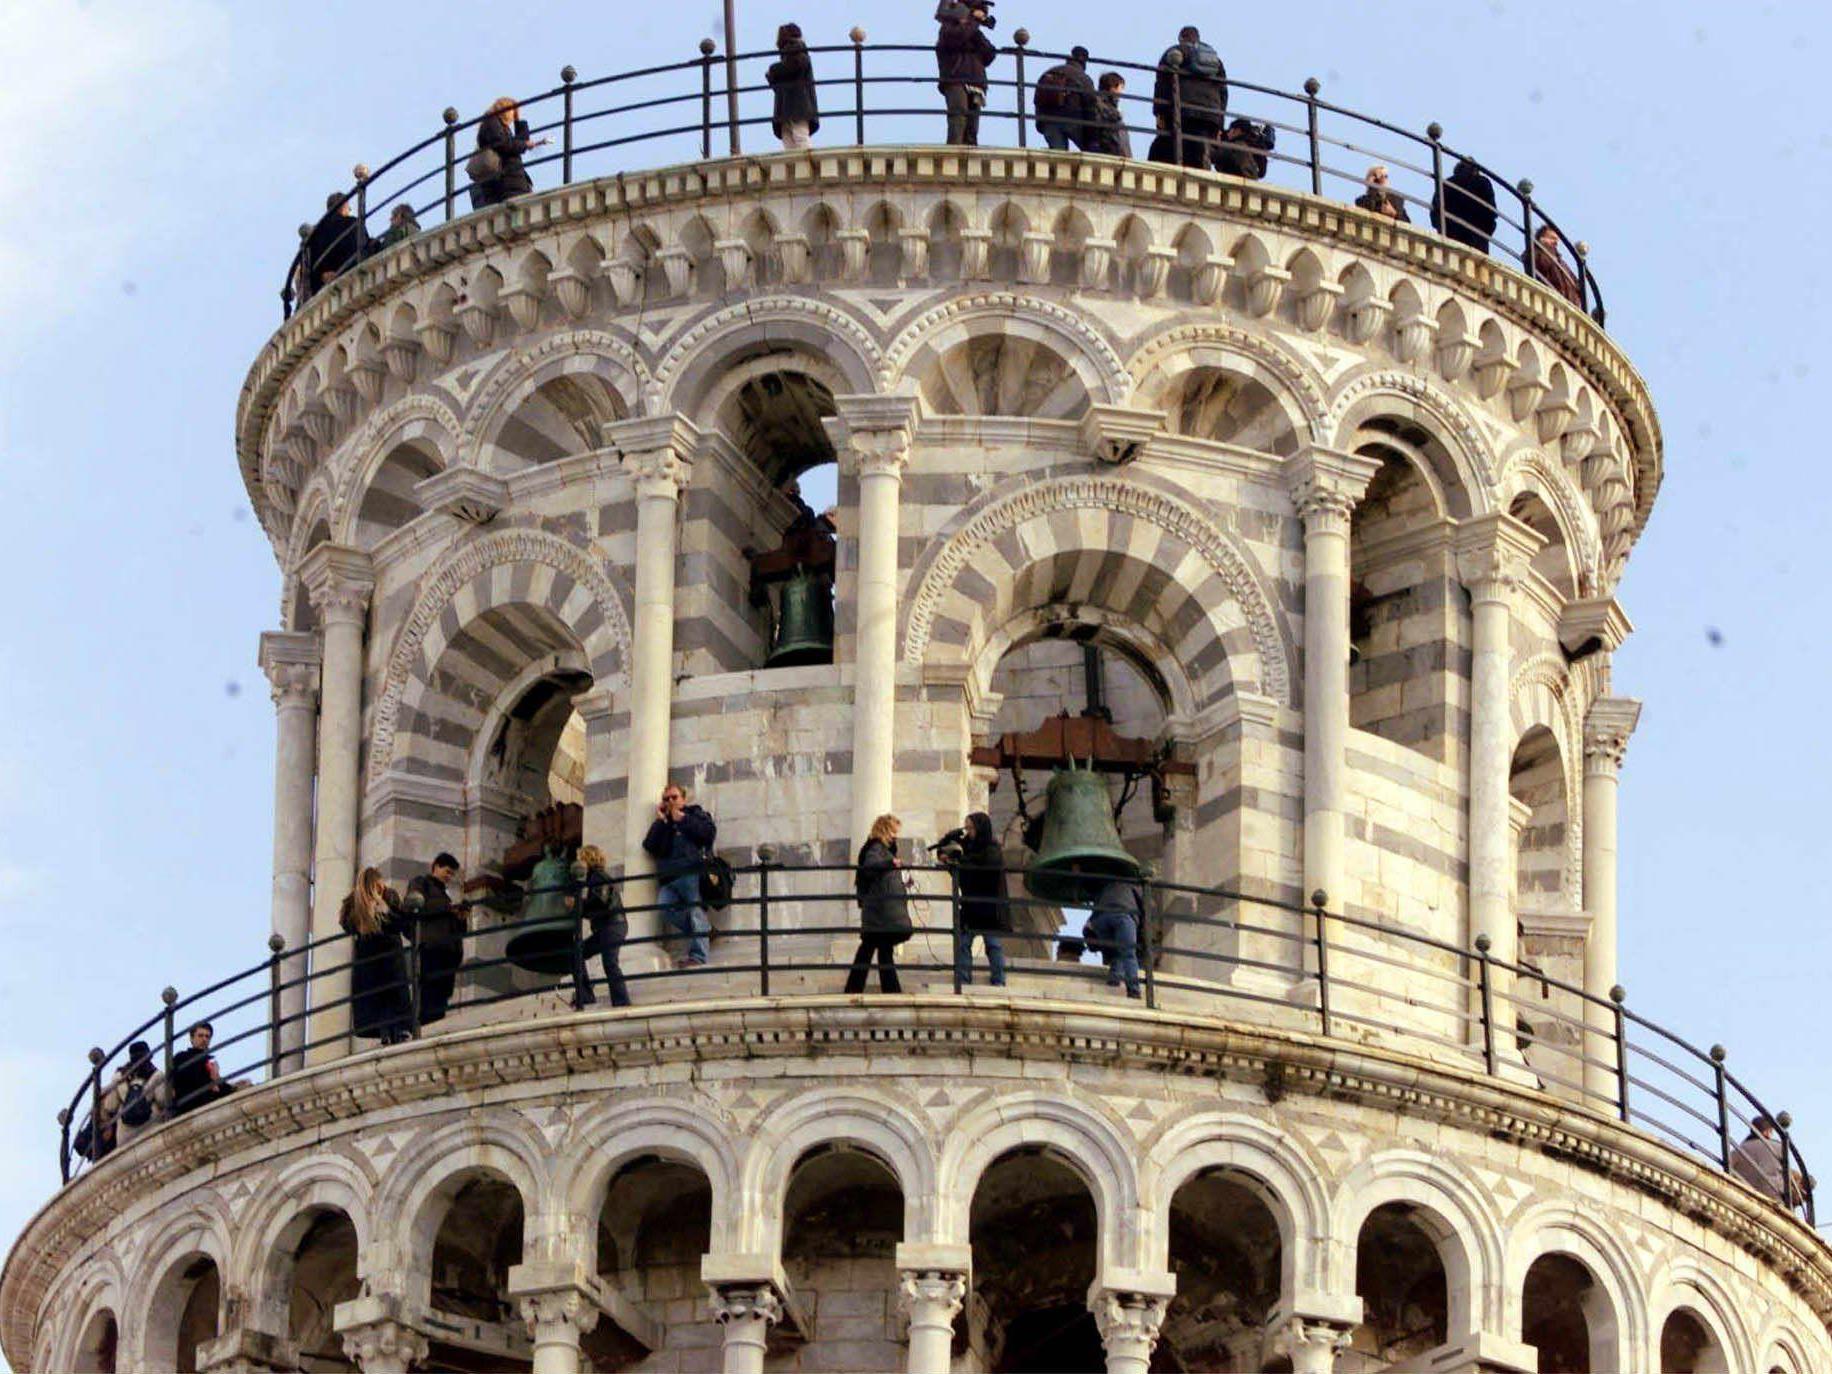 Der Schiefe Turm von Pisa ist ein begehrter Ort für Urlaubsfotos.